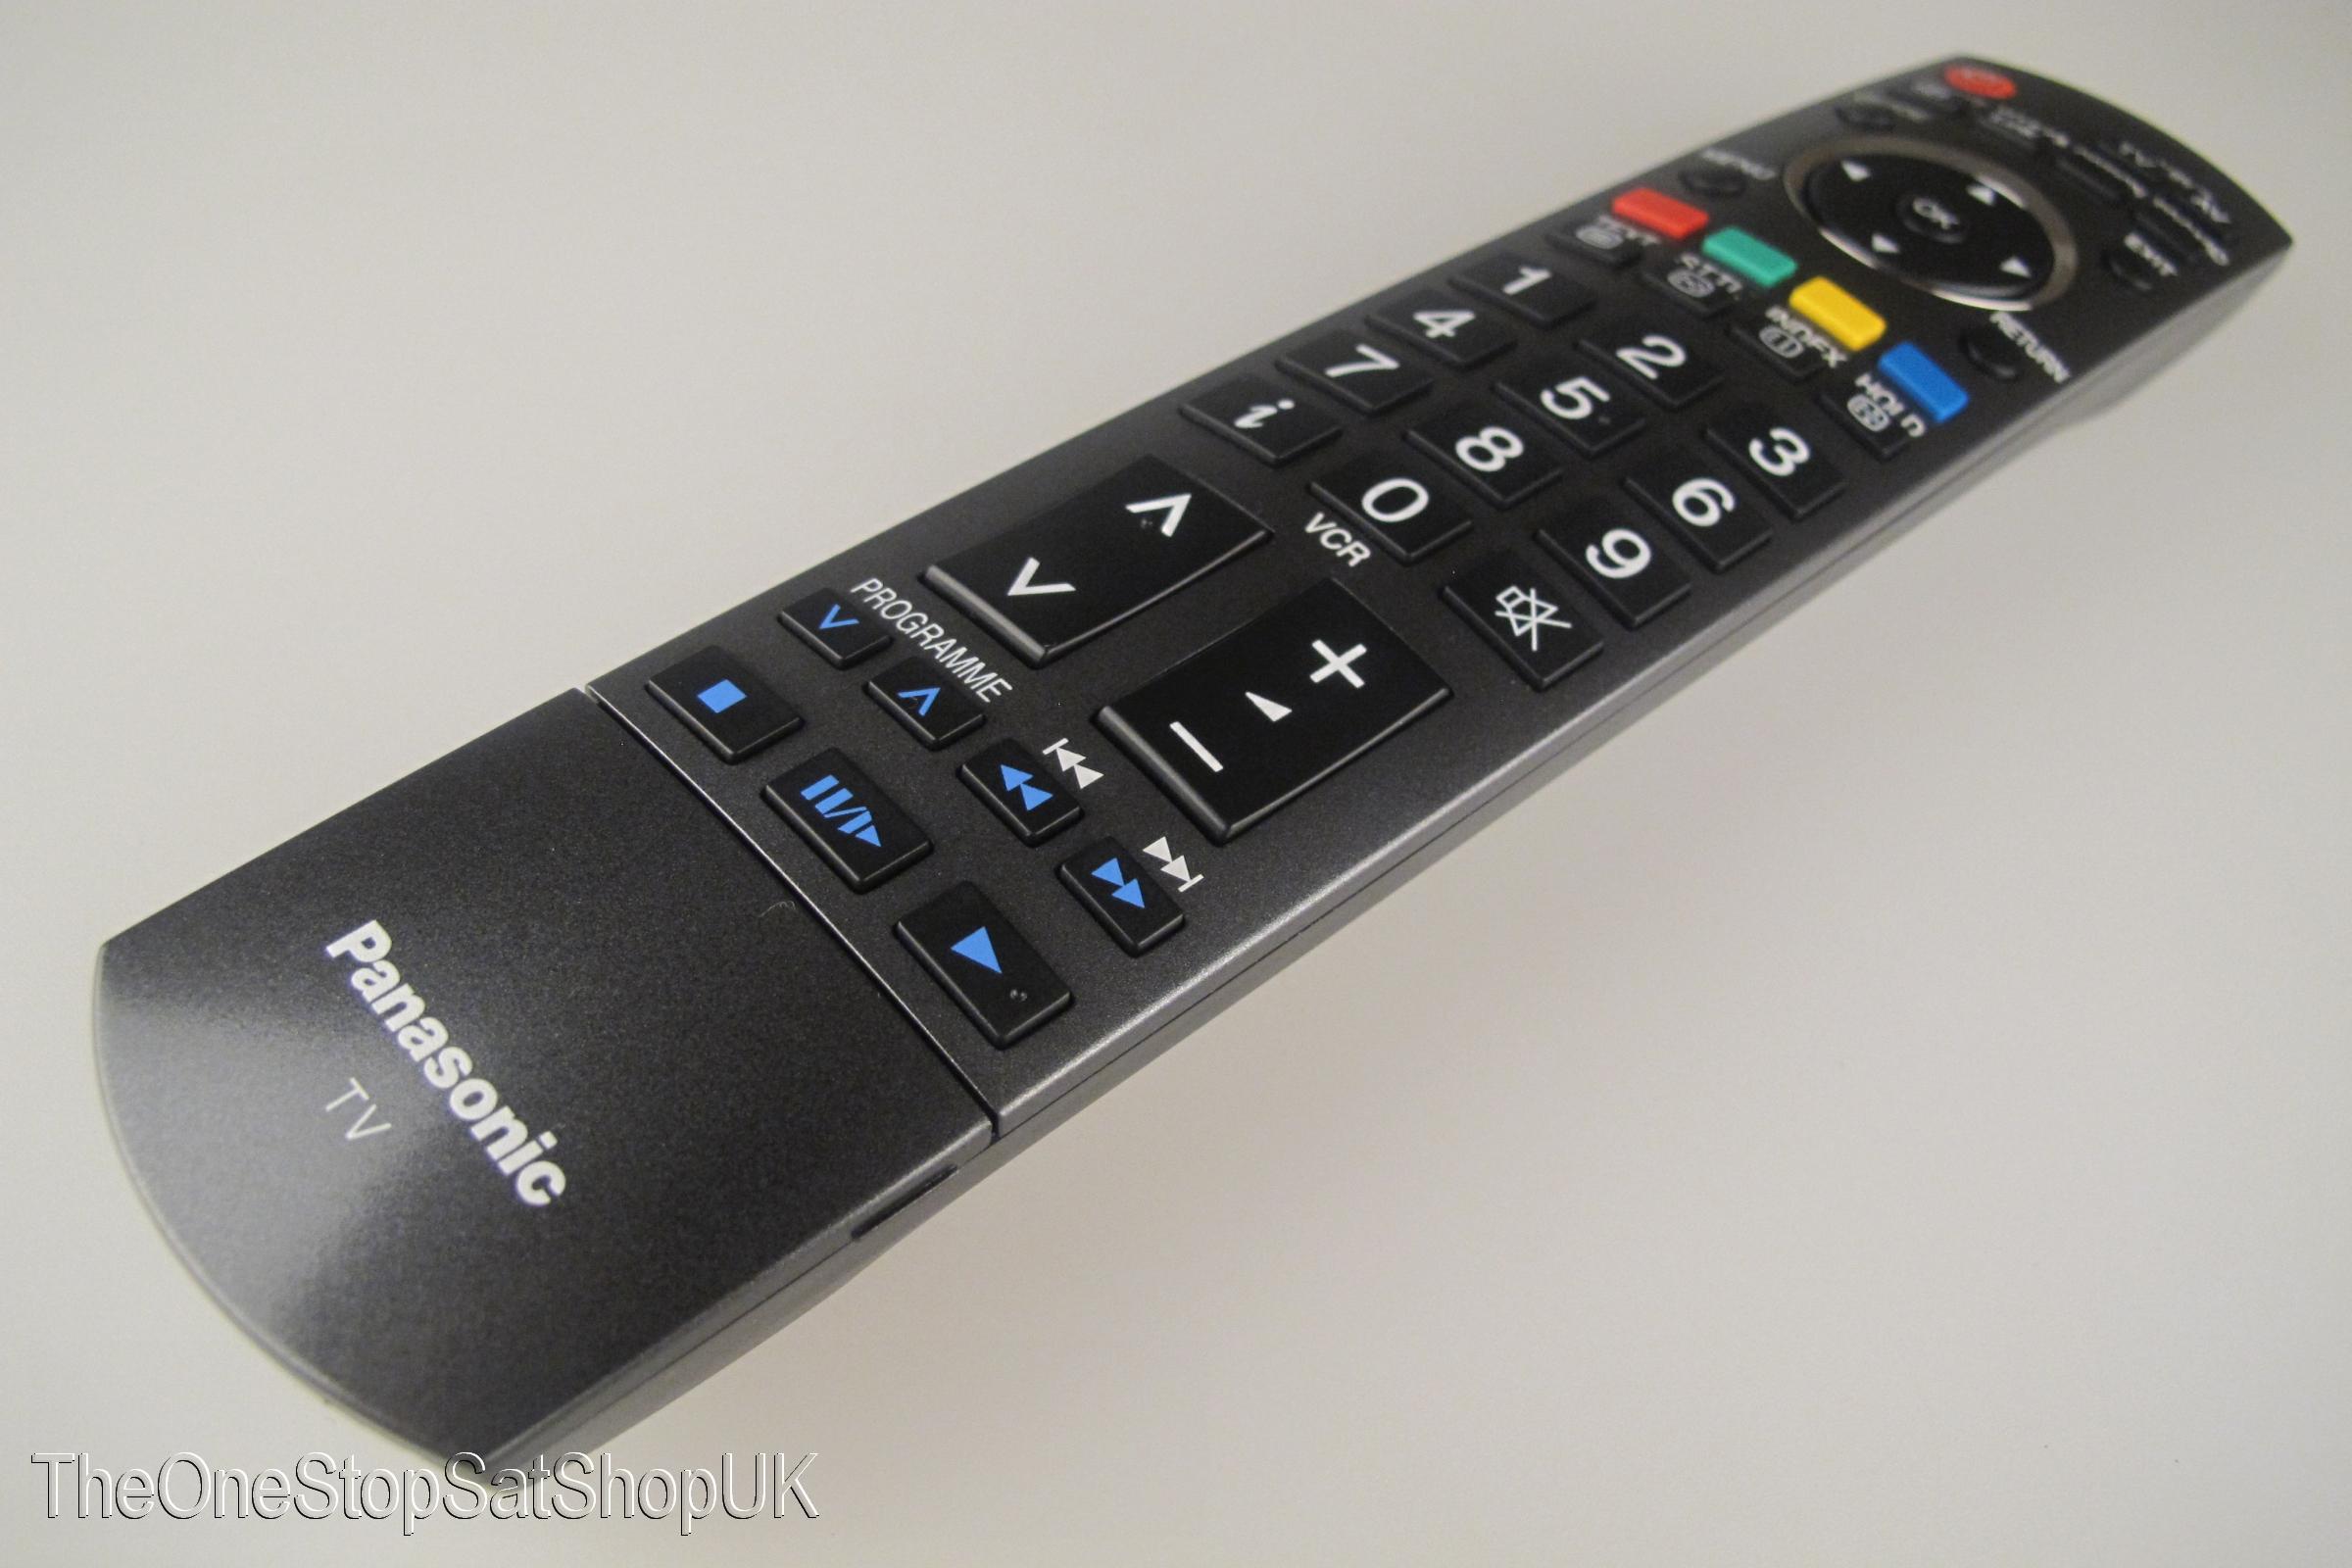 Panasonic Genuine N2QAYB000238 / N2QAYB000328 TV Remote Control | eBay